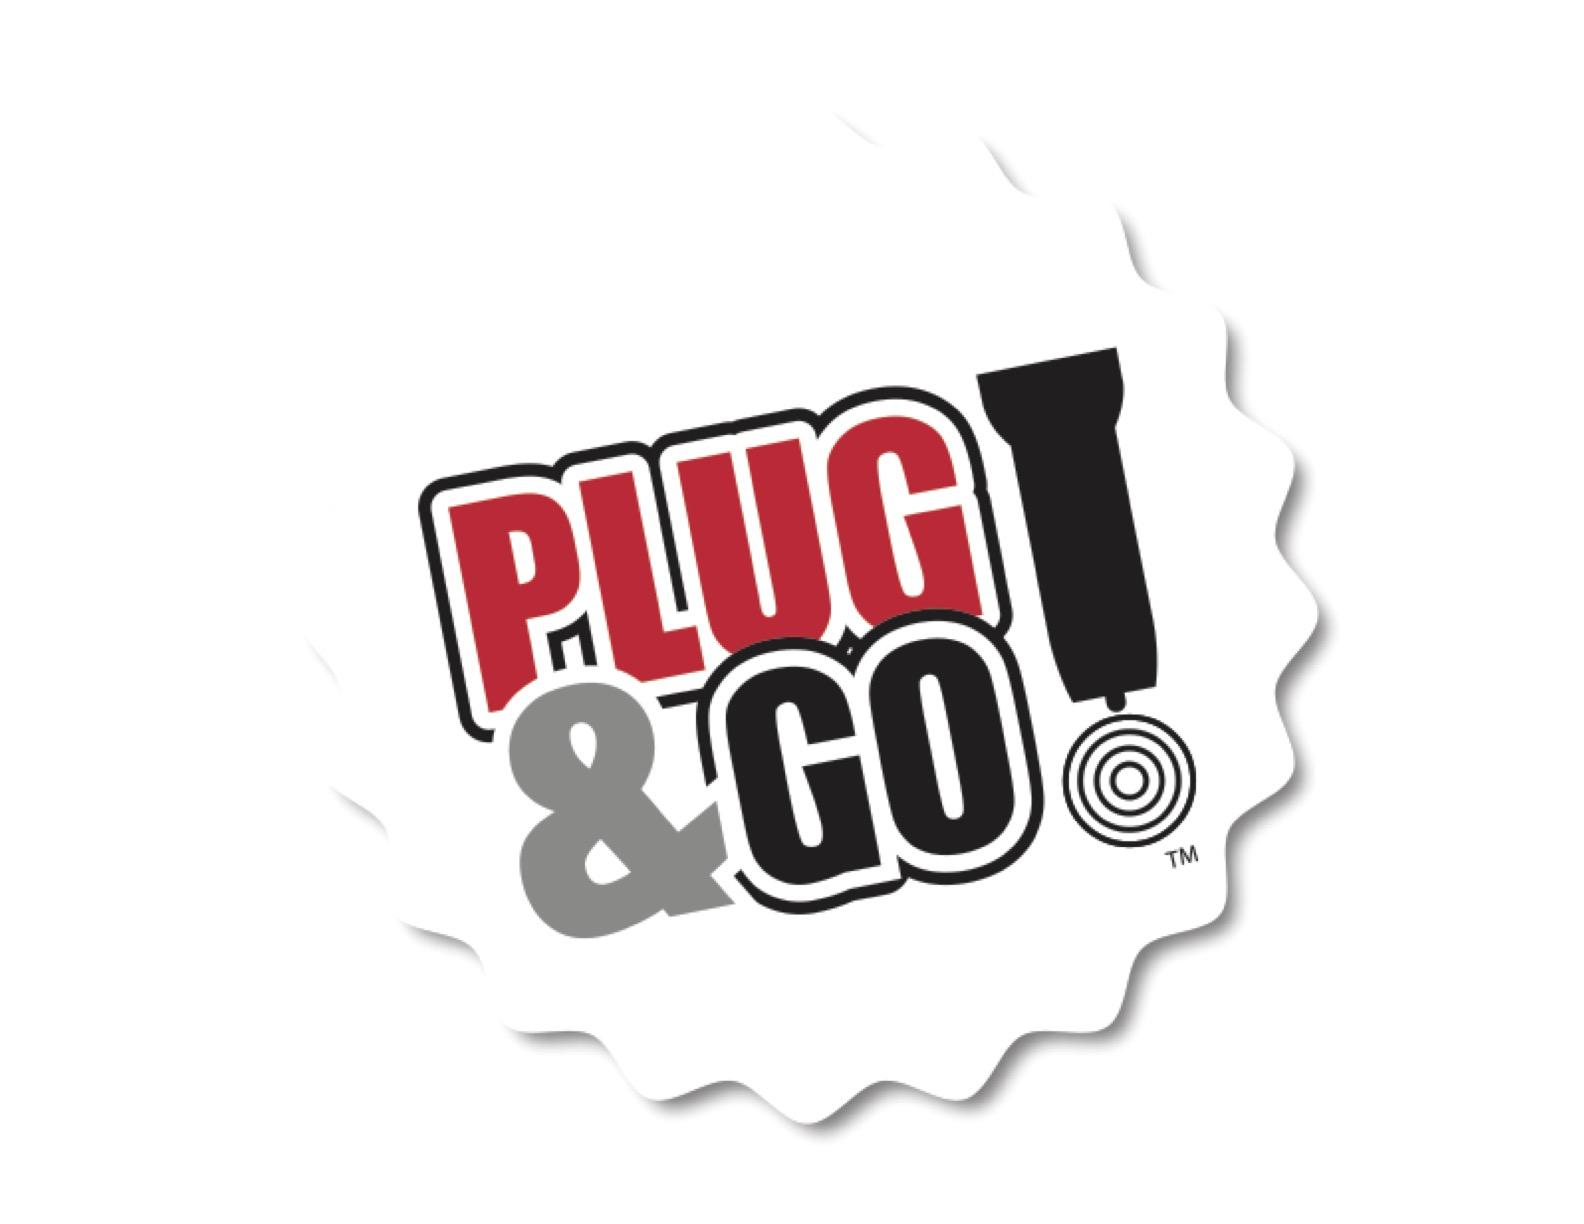 Golf Cart Sponsor - Plug & Go - Logo